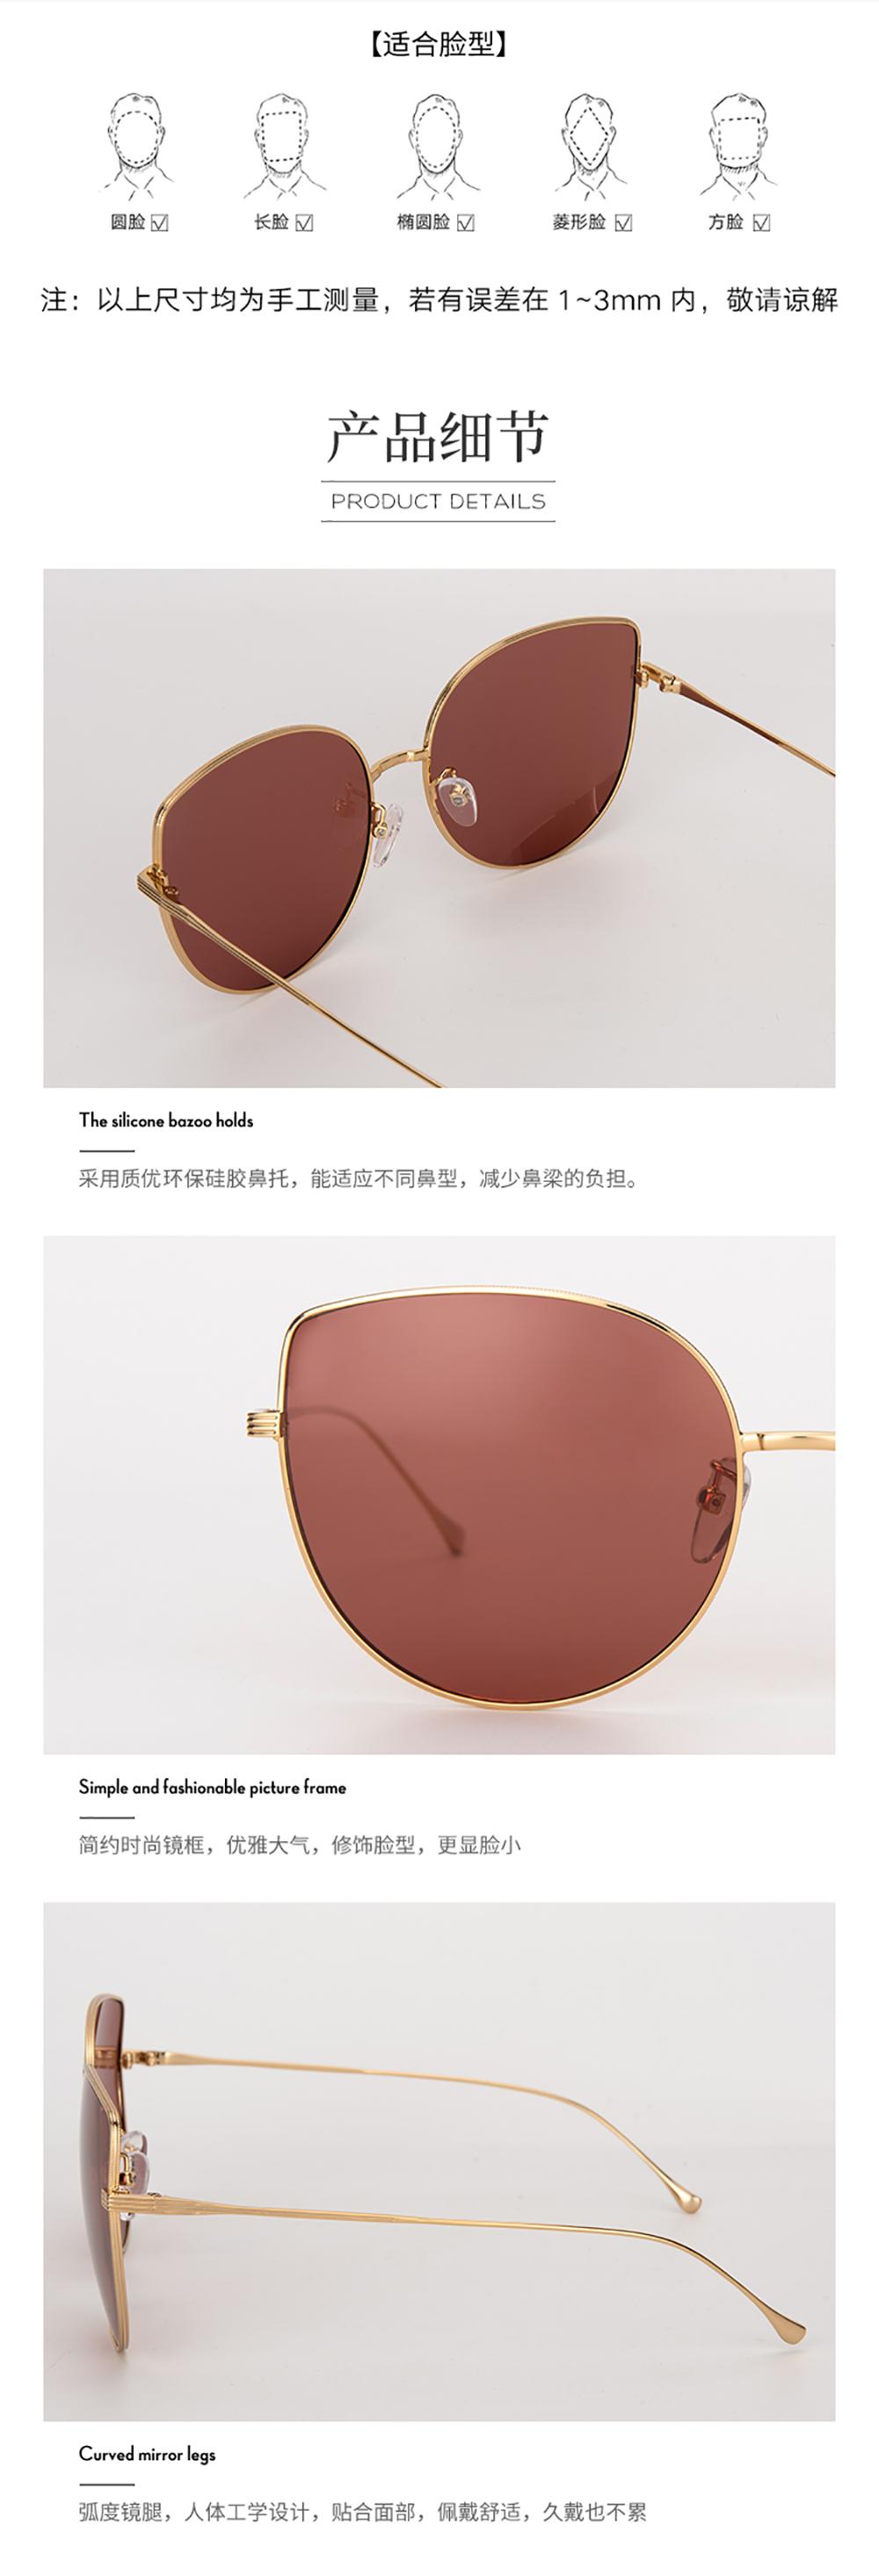 钛金属眼镜-G4264